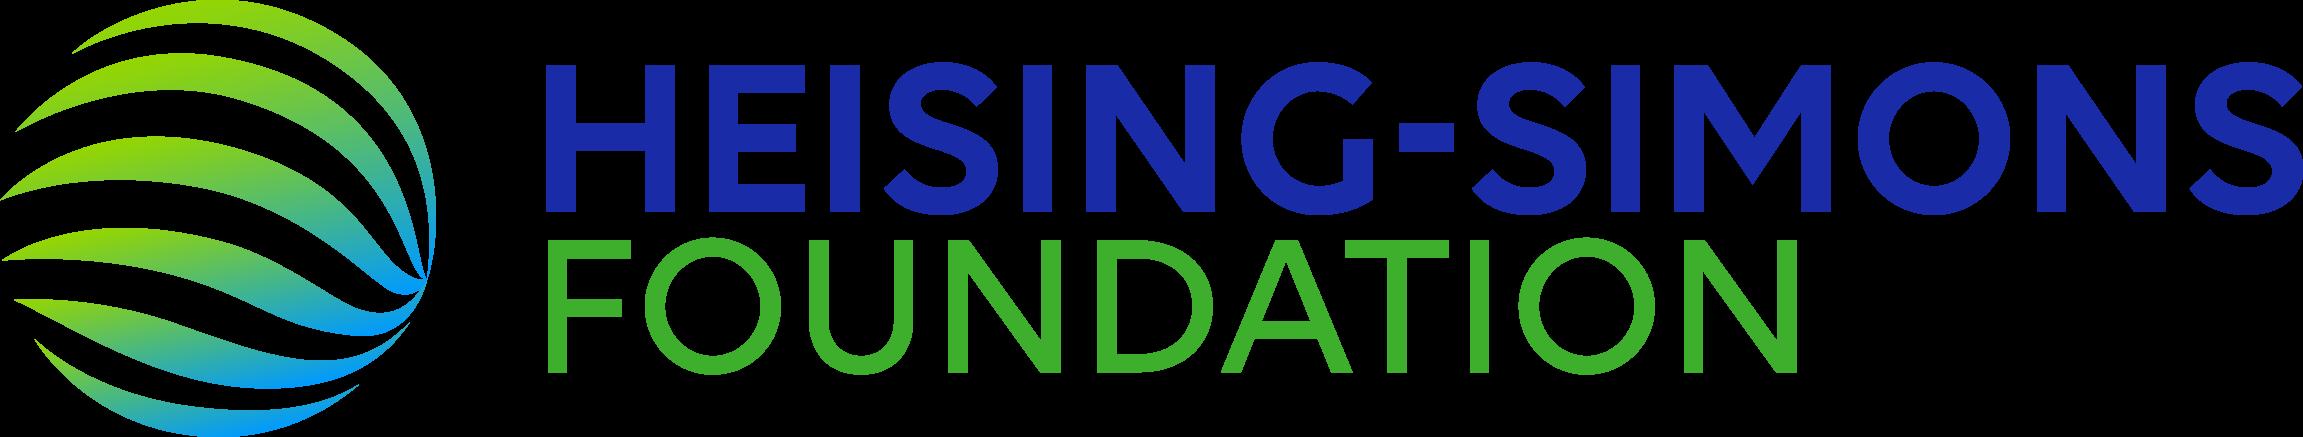 Heising Simons Foundation